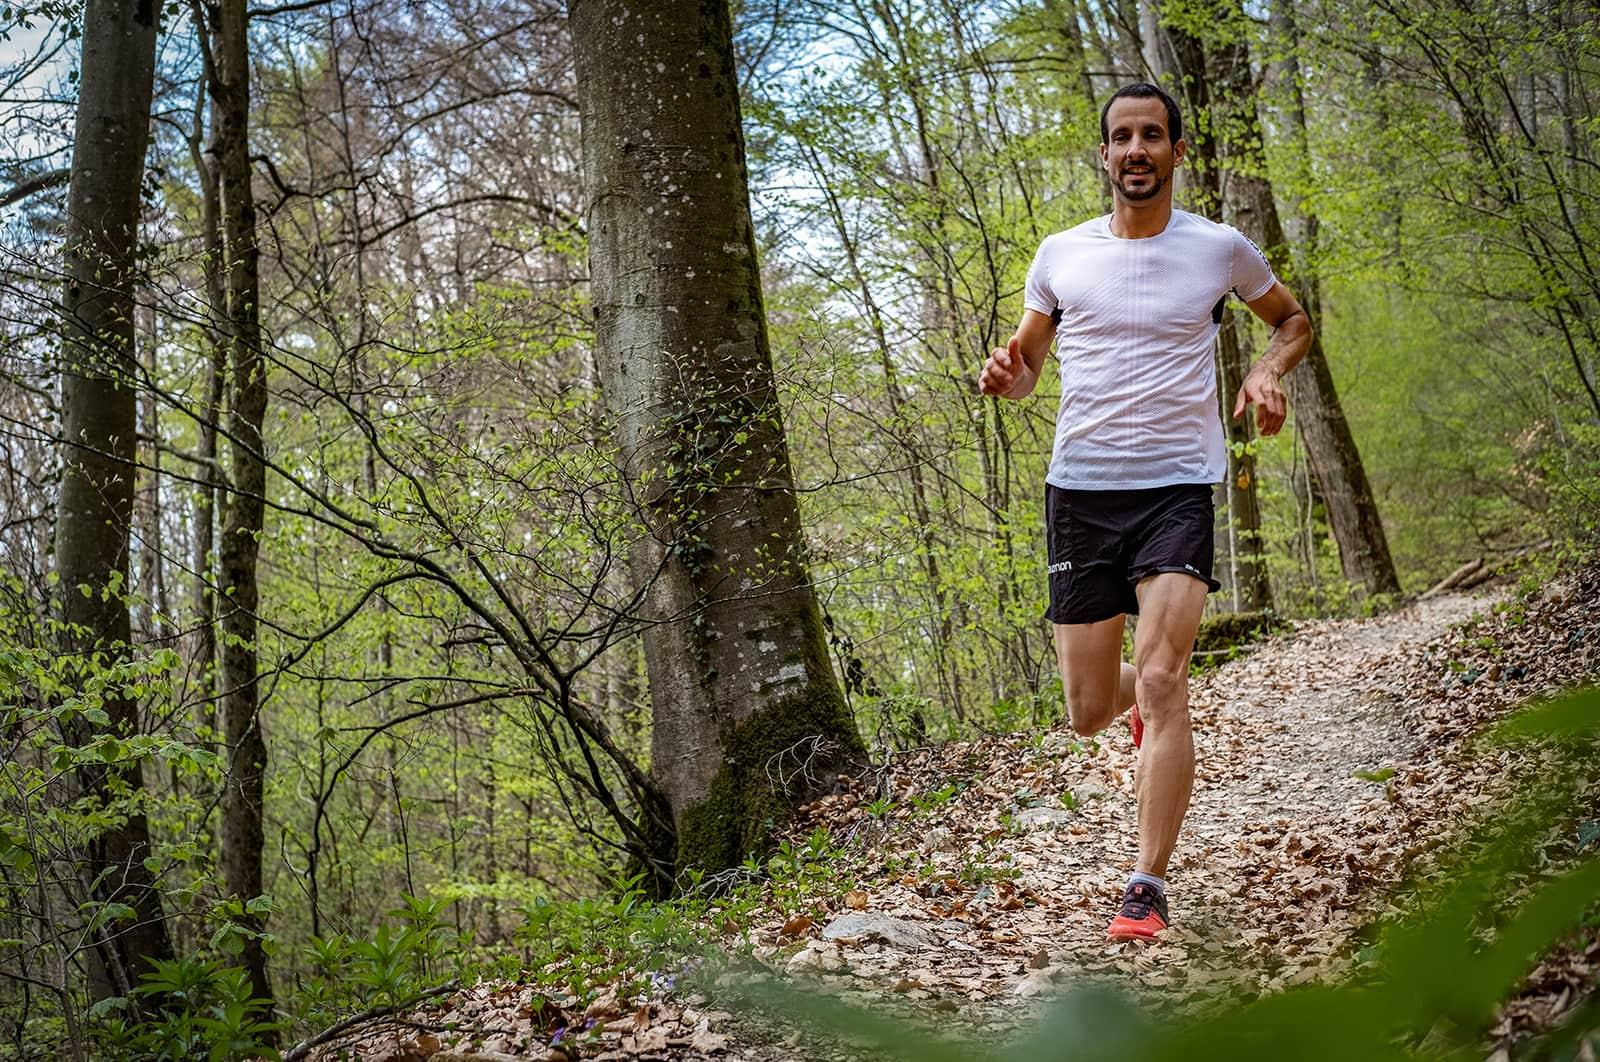 Sportpark Aare-Rhein Trailrunning Ivo Schleuniger